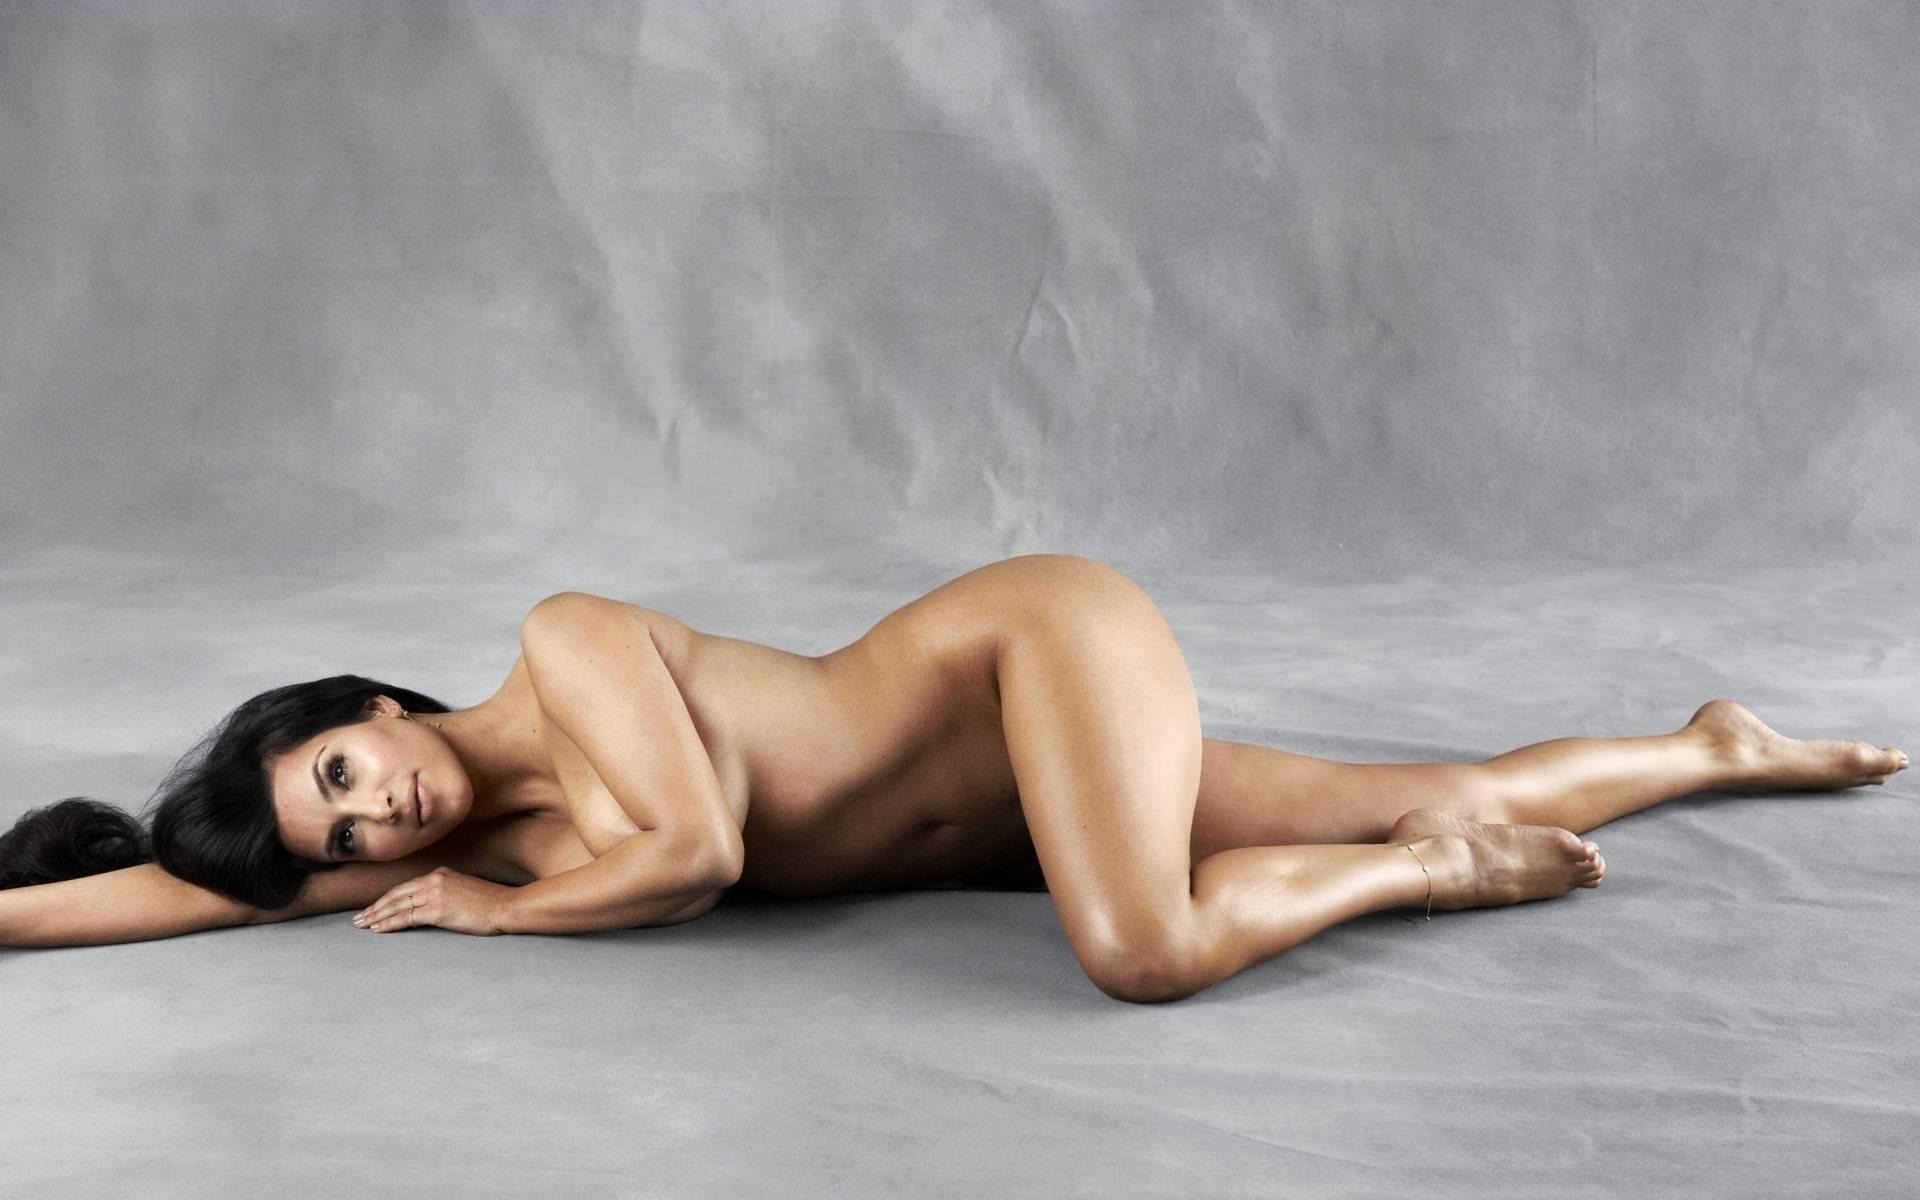 Фото Голая девушка с блестящим сексуальным телом лежит на полу, серый фон, дым, обнаженная брюнетка. Naked brunette on the floor, legs shine, gray, скачать картинку бесплатно